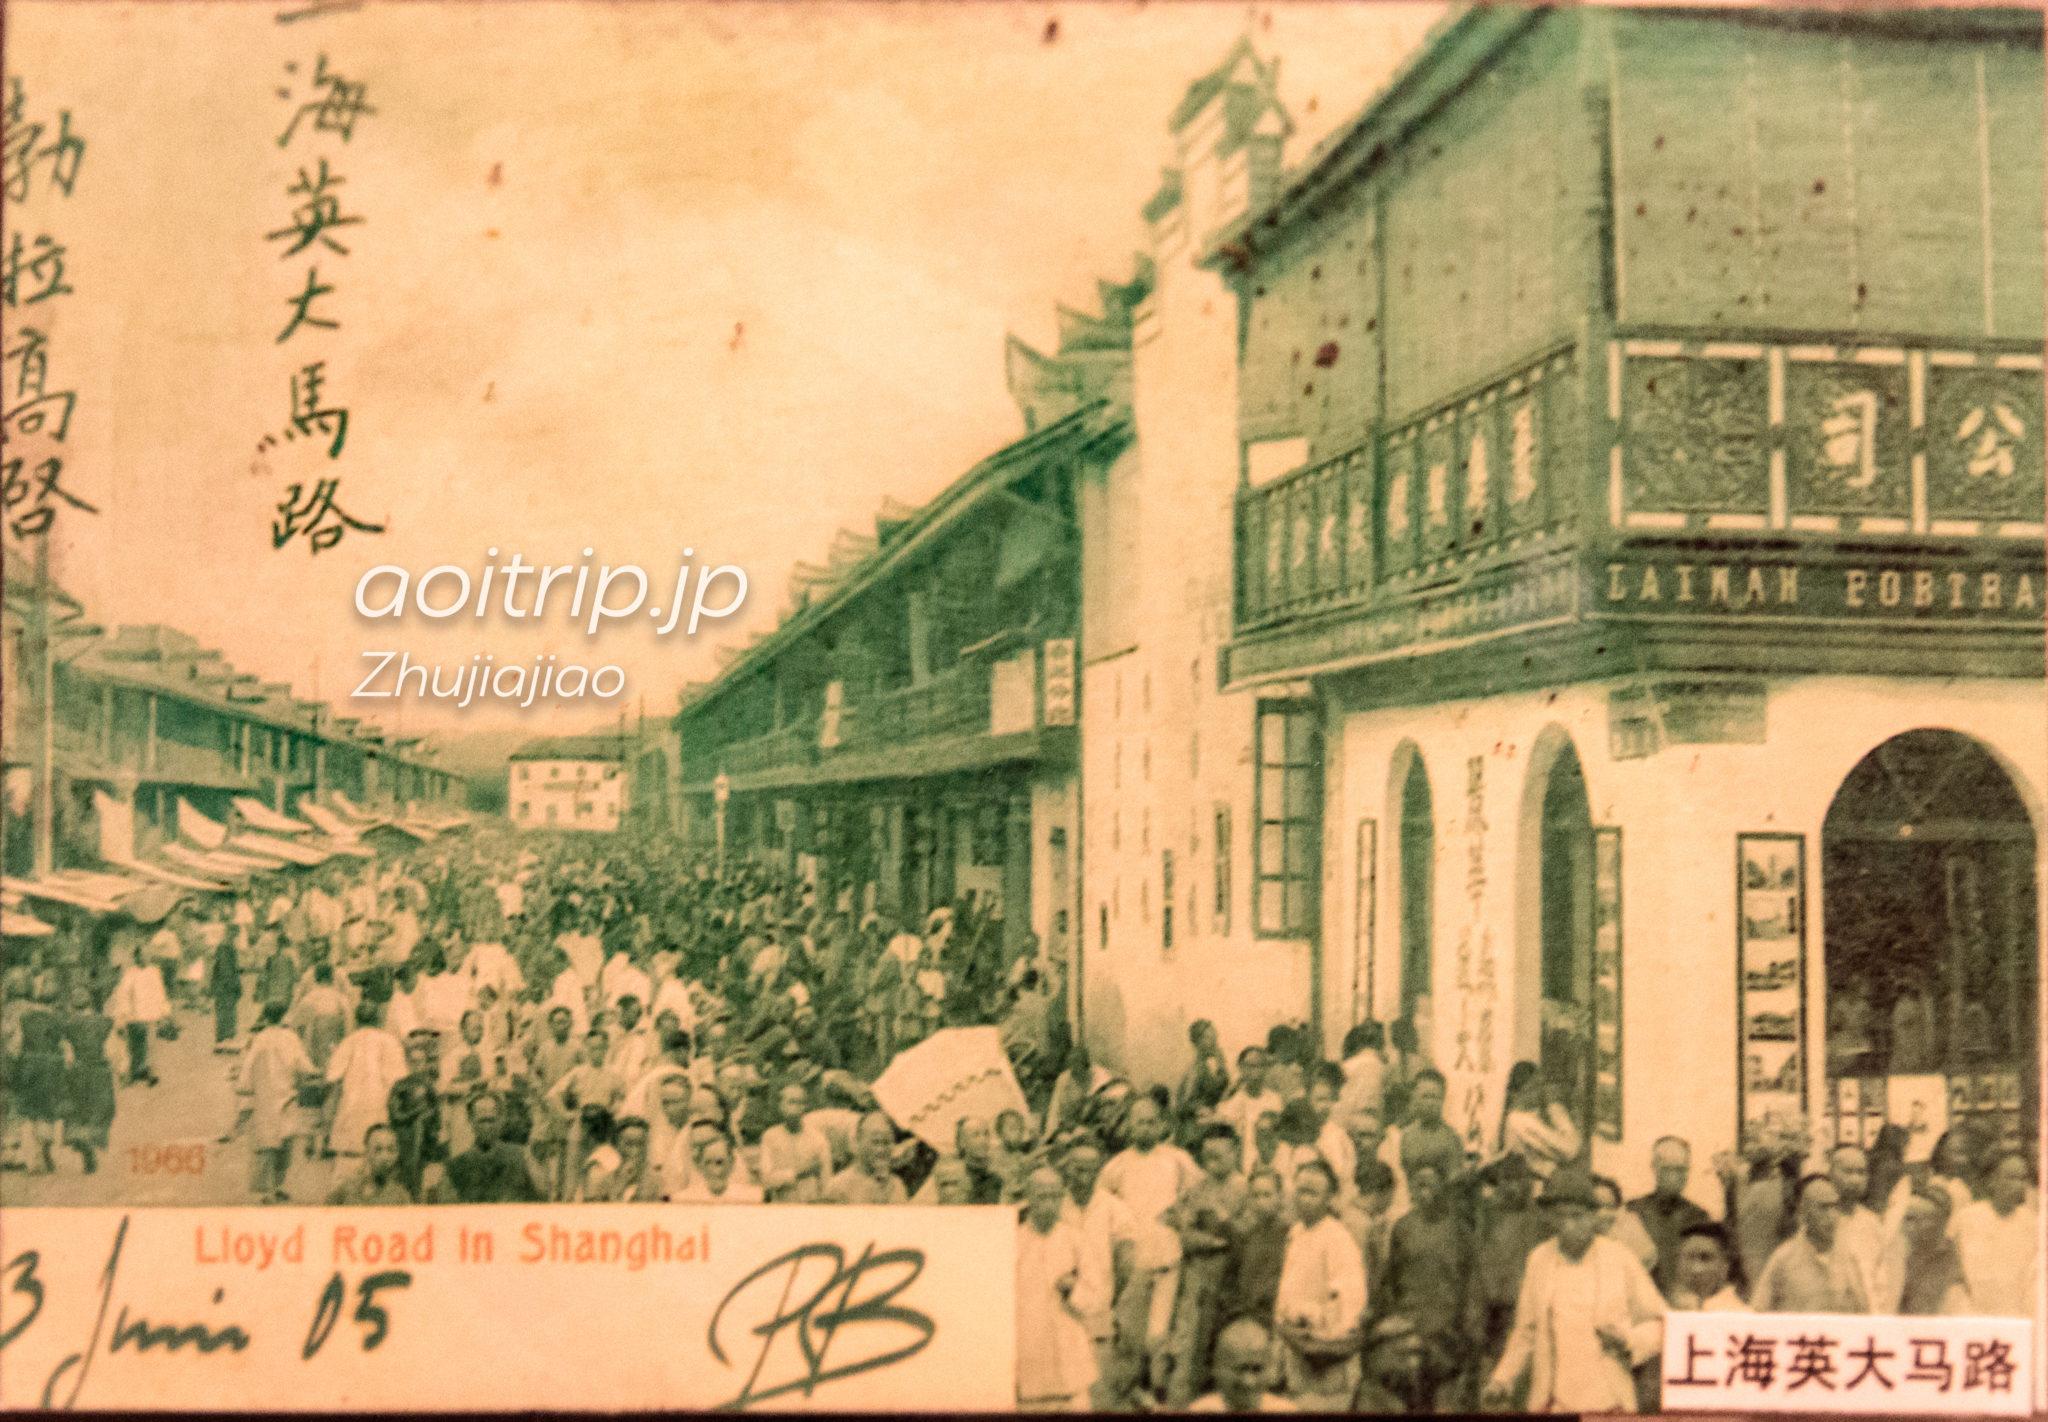 1905年6月3日に撮影された上海の大通りのポストカード